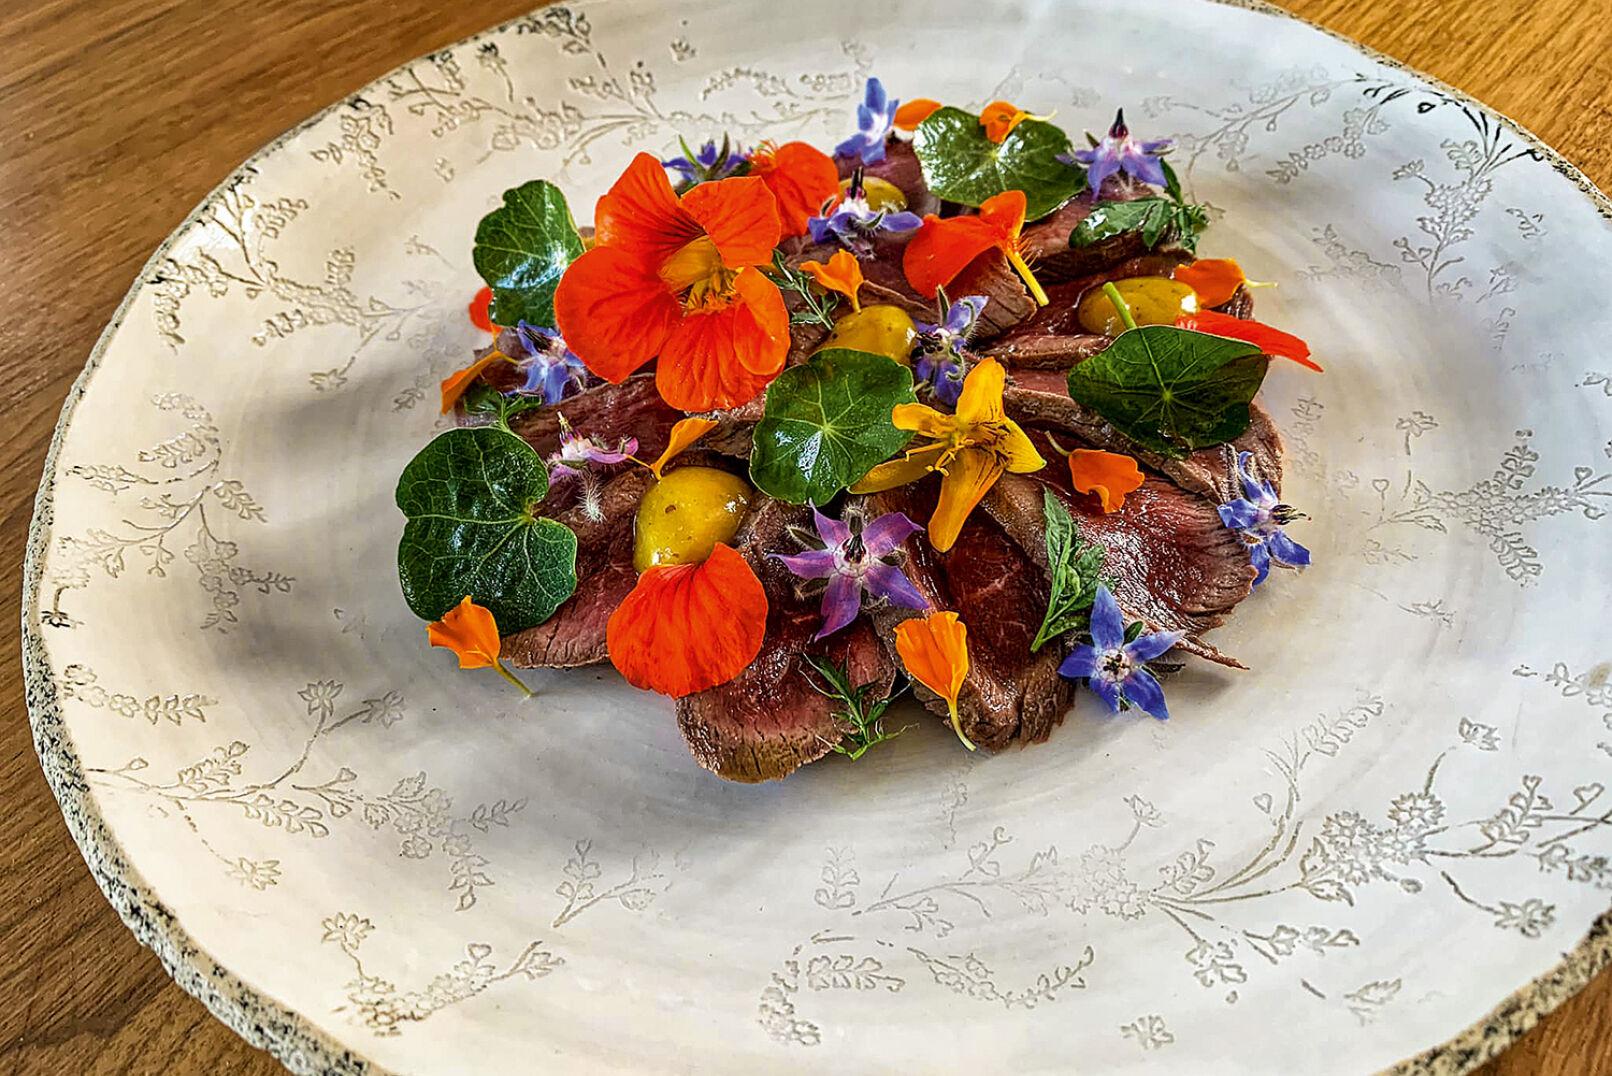 Roastbeef vom Reh mit Orangentagetes-Senf, Kapuzinerkresse und Borretsch